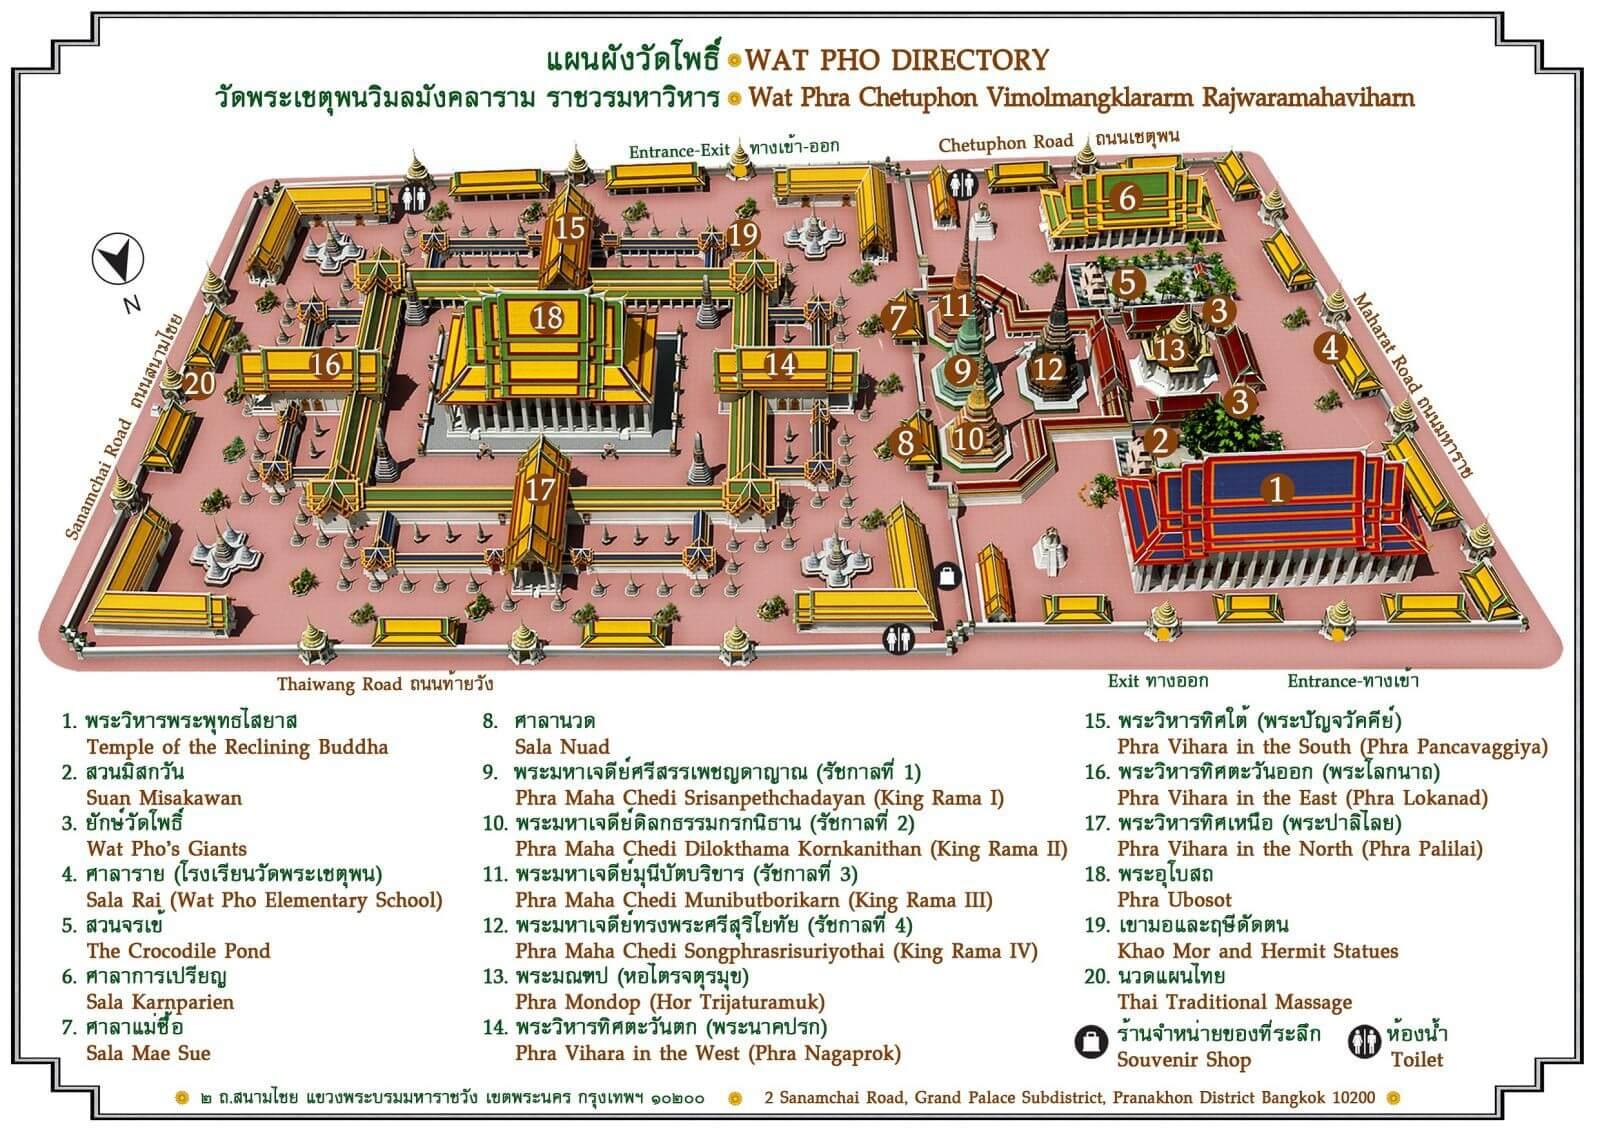 Карта Wat Pho в Большом дворце Бангкок